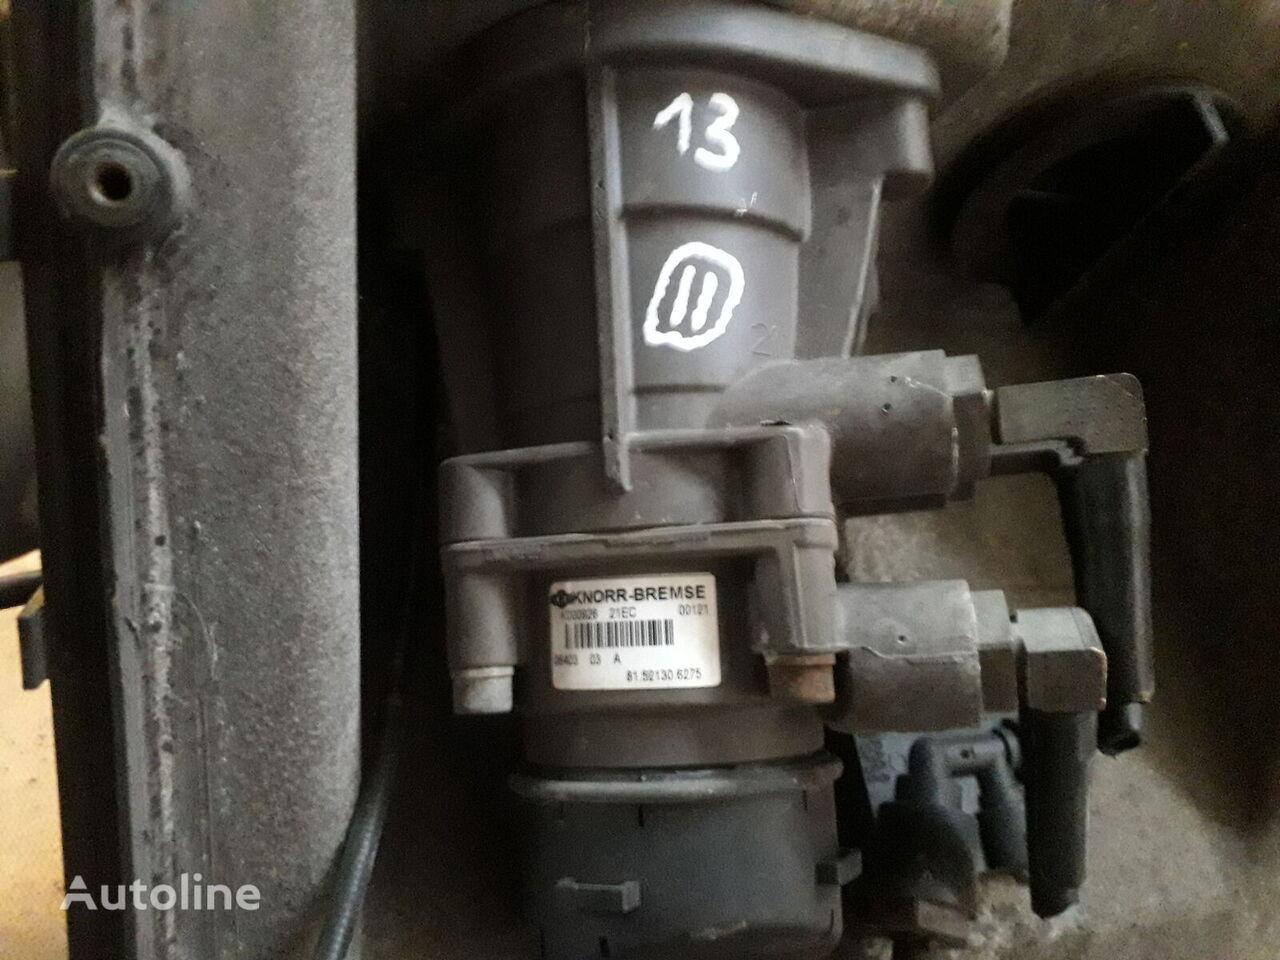 Golovniy tormozniy kran KNORR-BREMSE (81.52130.6275) otra pieza del sistema de suspensión para MAN TGA tractora